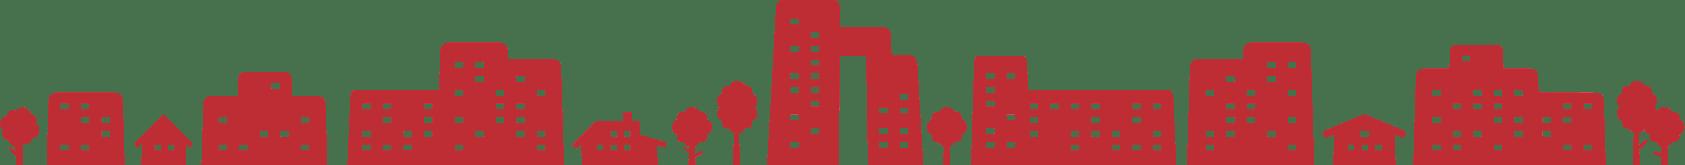 Jižní Město, Praha 4, 11 - Háje, Opatov, Chodov realitní makléř na prodej bytu